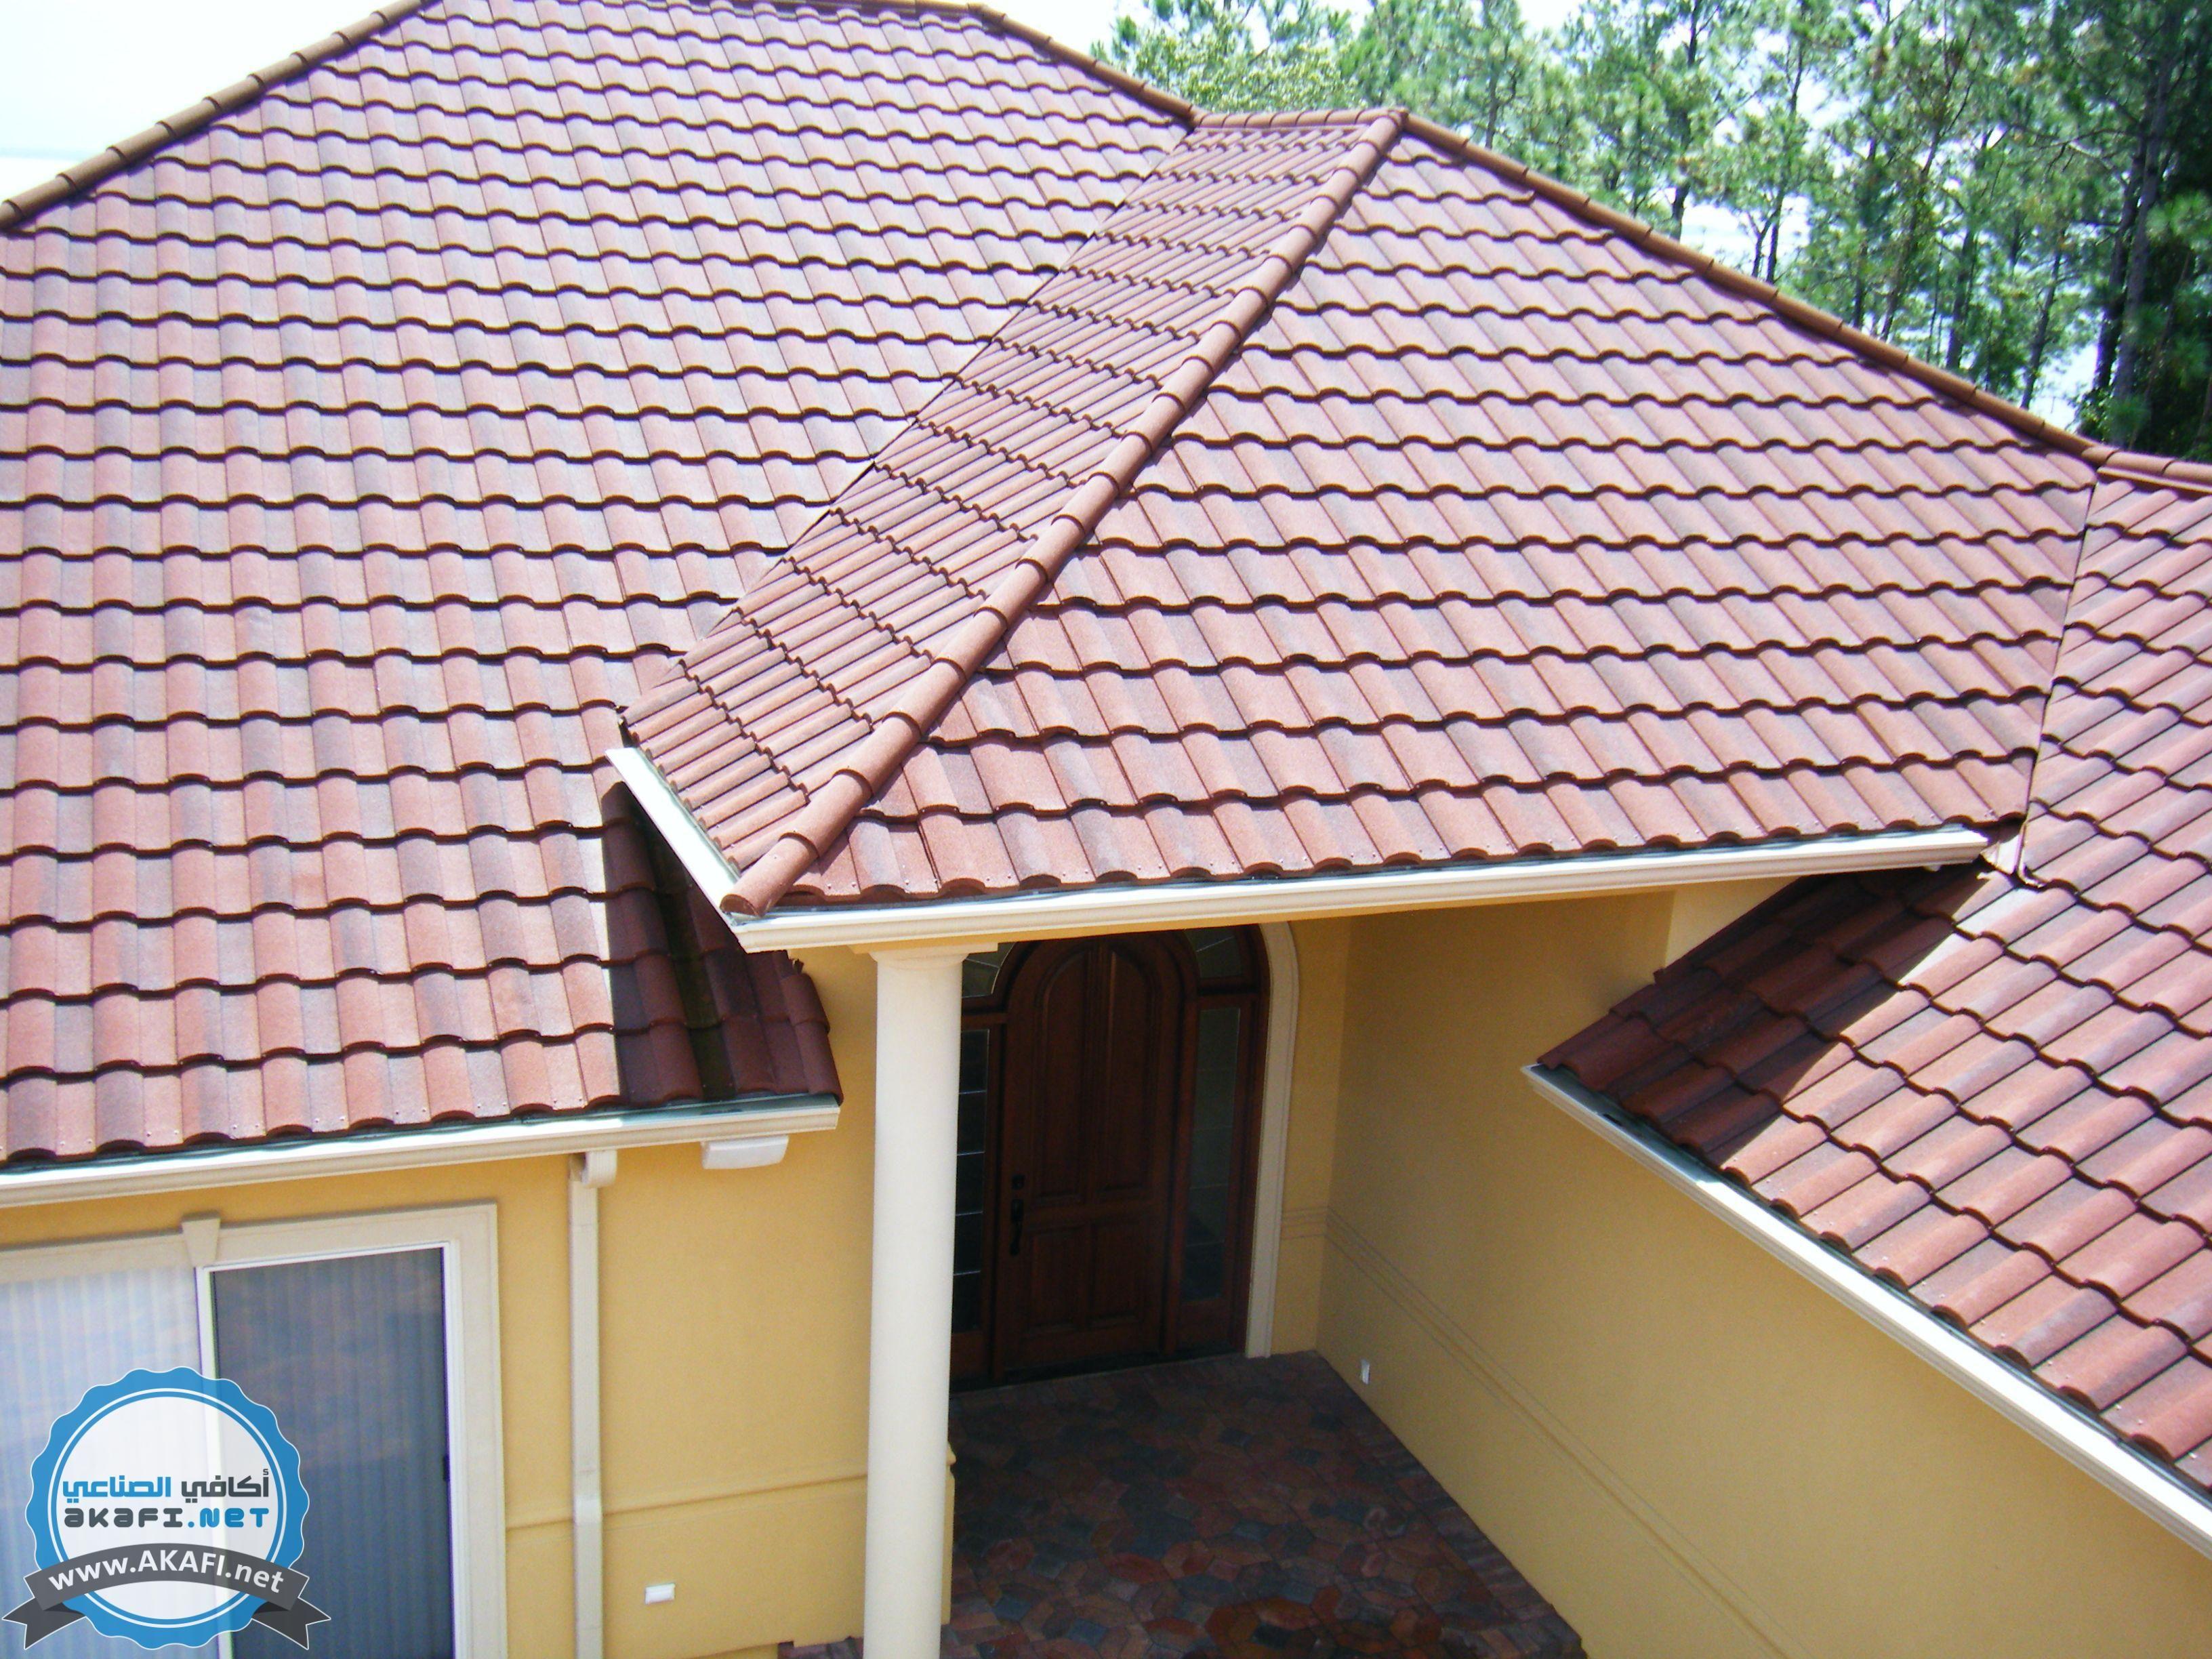 للبيع قرميد معدني بعدة ألوان وأشكال مغلف بالجرانيت الطبيعي أكافي الصناعي المنصة العربية الأولى للصناع Corrugated Metal Roof Steel Metal Roofing Metal Roof